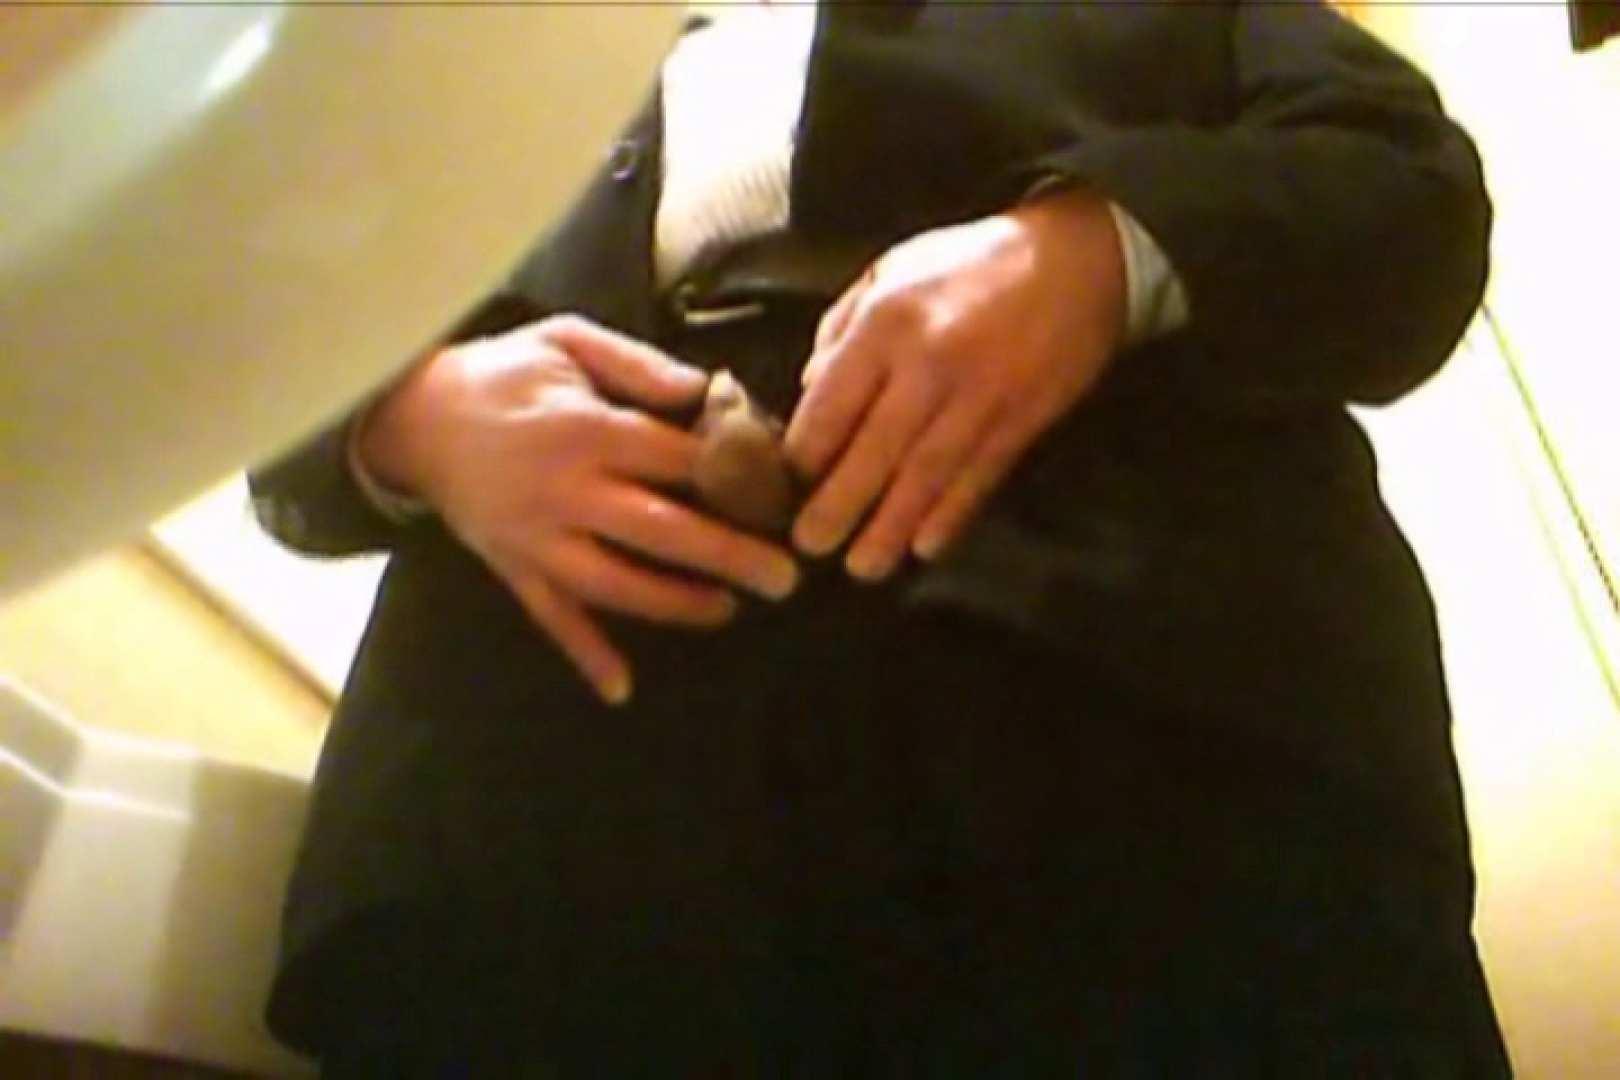 SEASON 2ND!掴み取りさんの洗面所覗き!in新幹線!VOL.21 ボーイズ私服 | 完全無修正でお届け  110pic 7